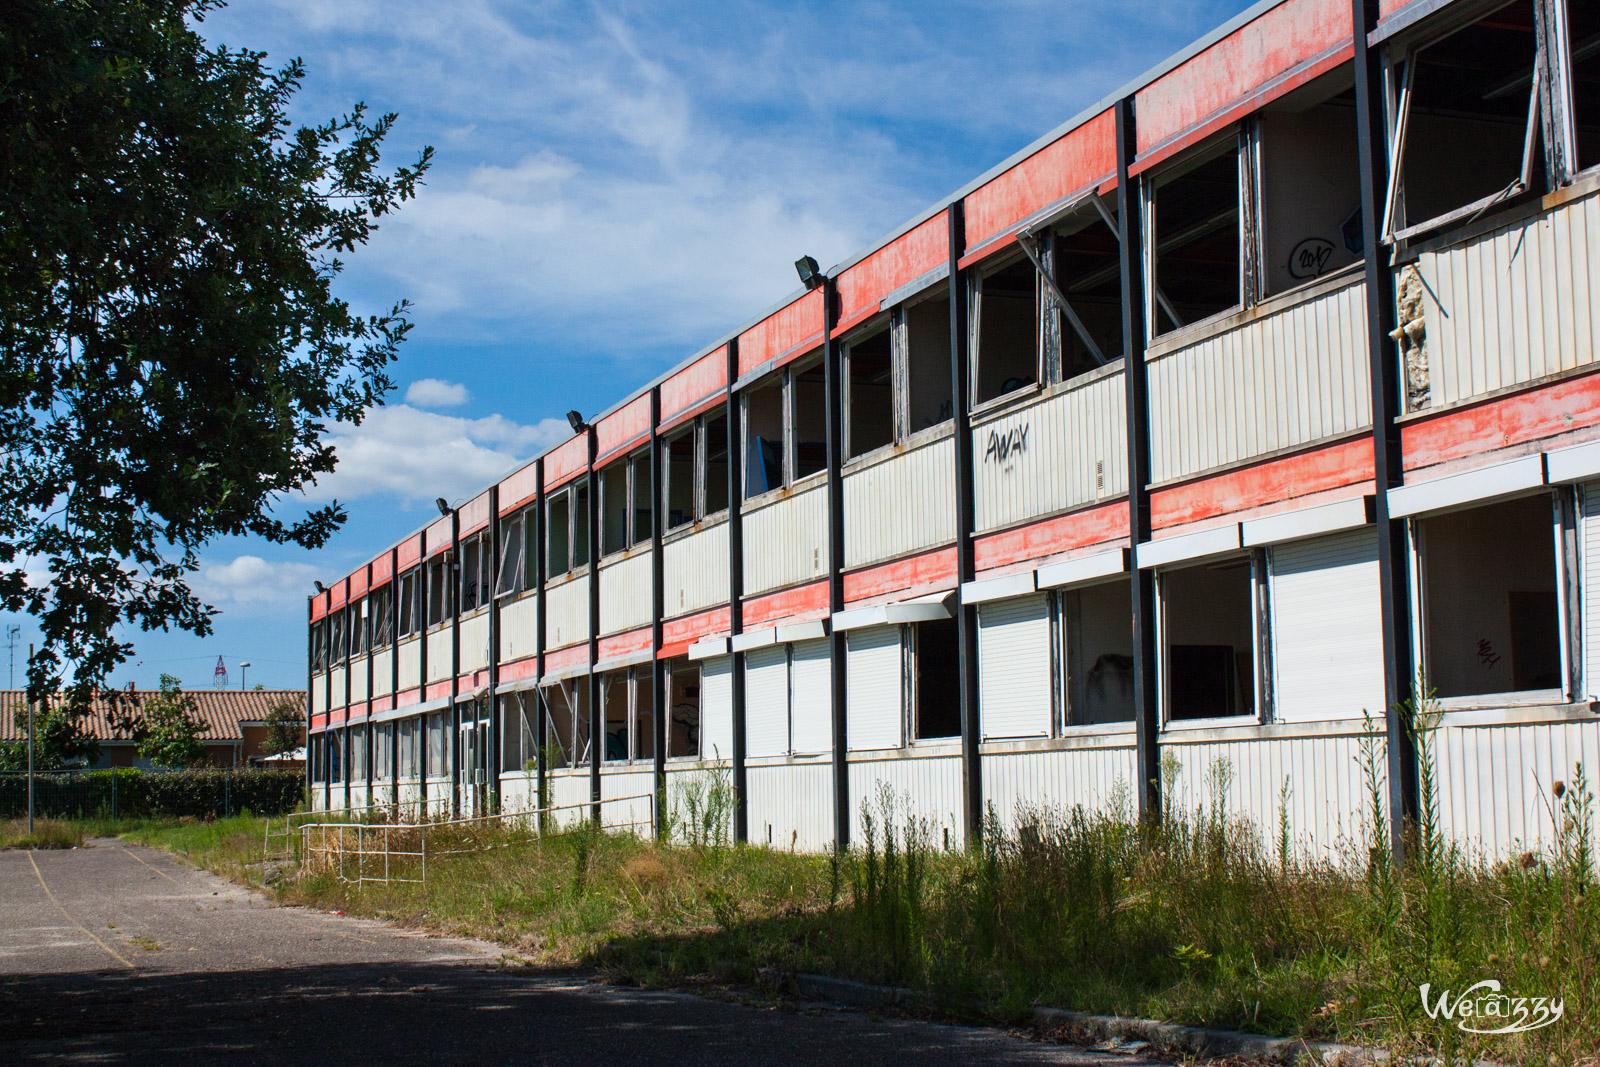 Cours d'été dans un collège abandonné